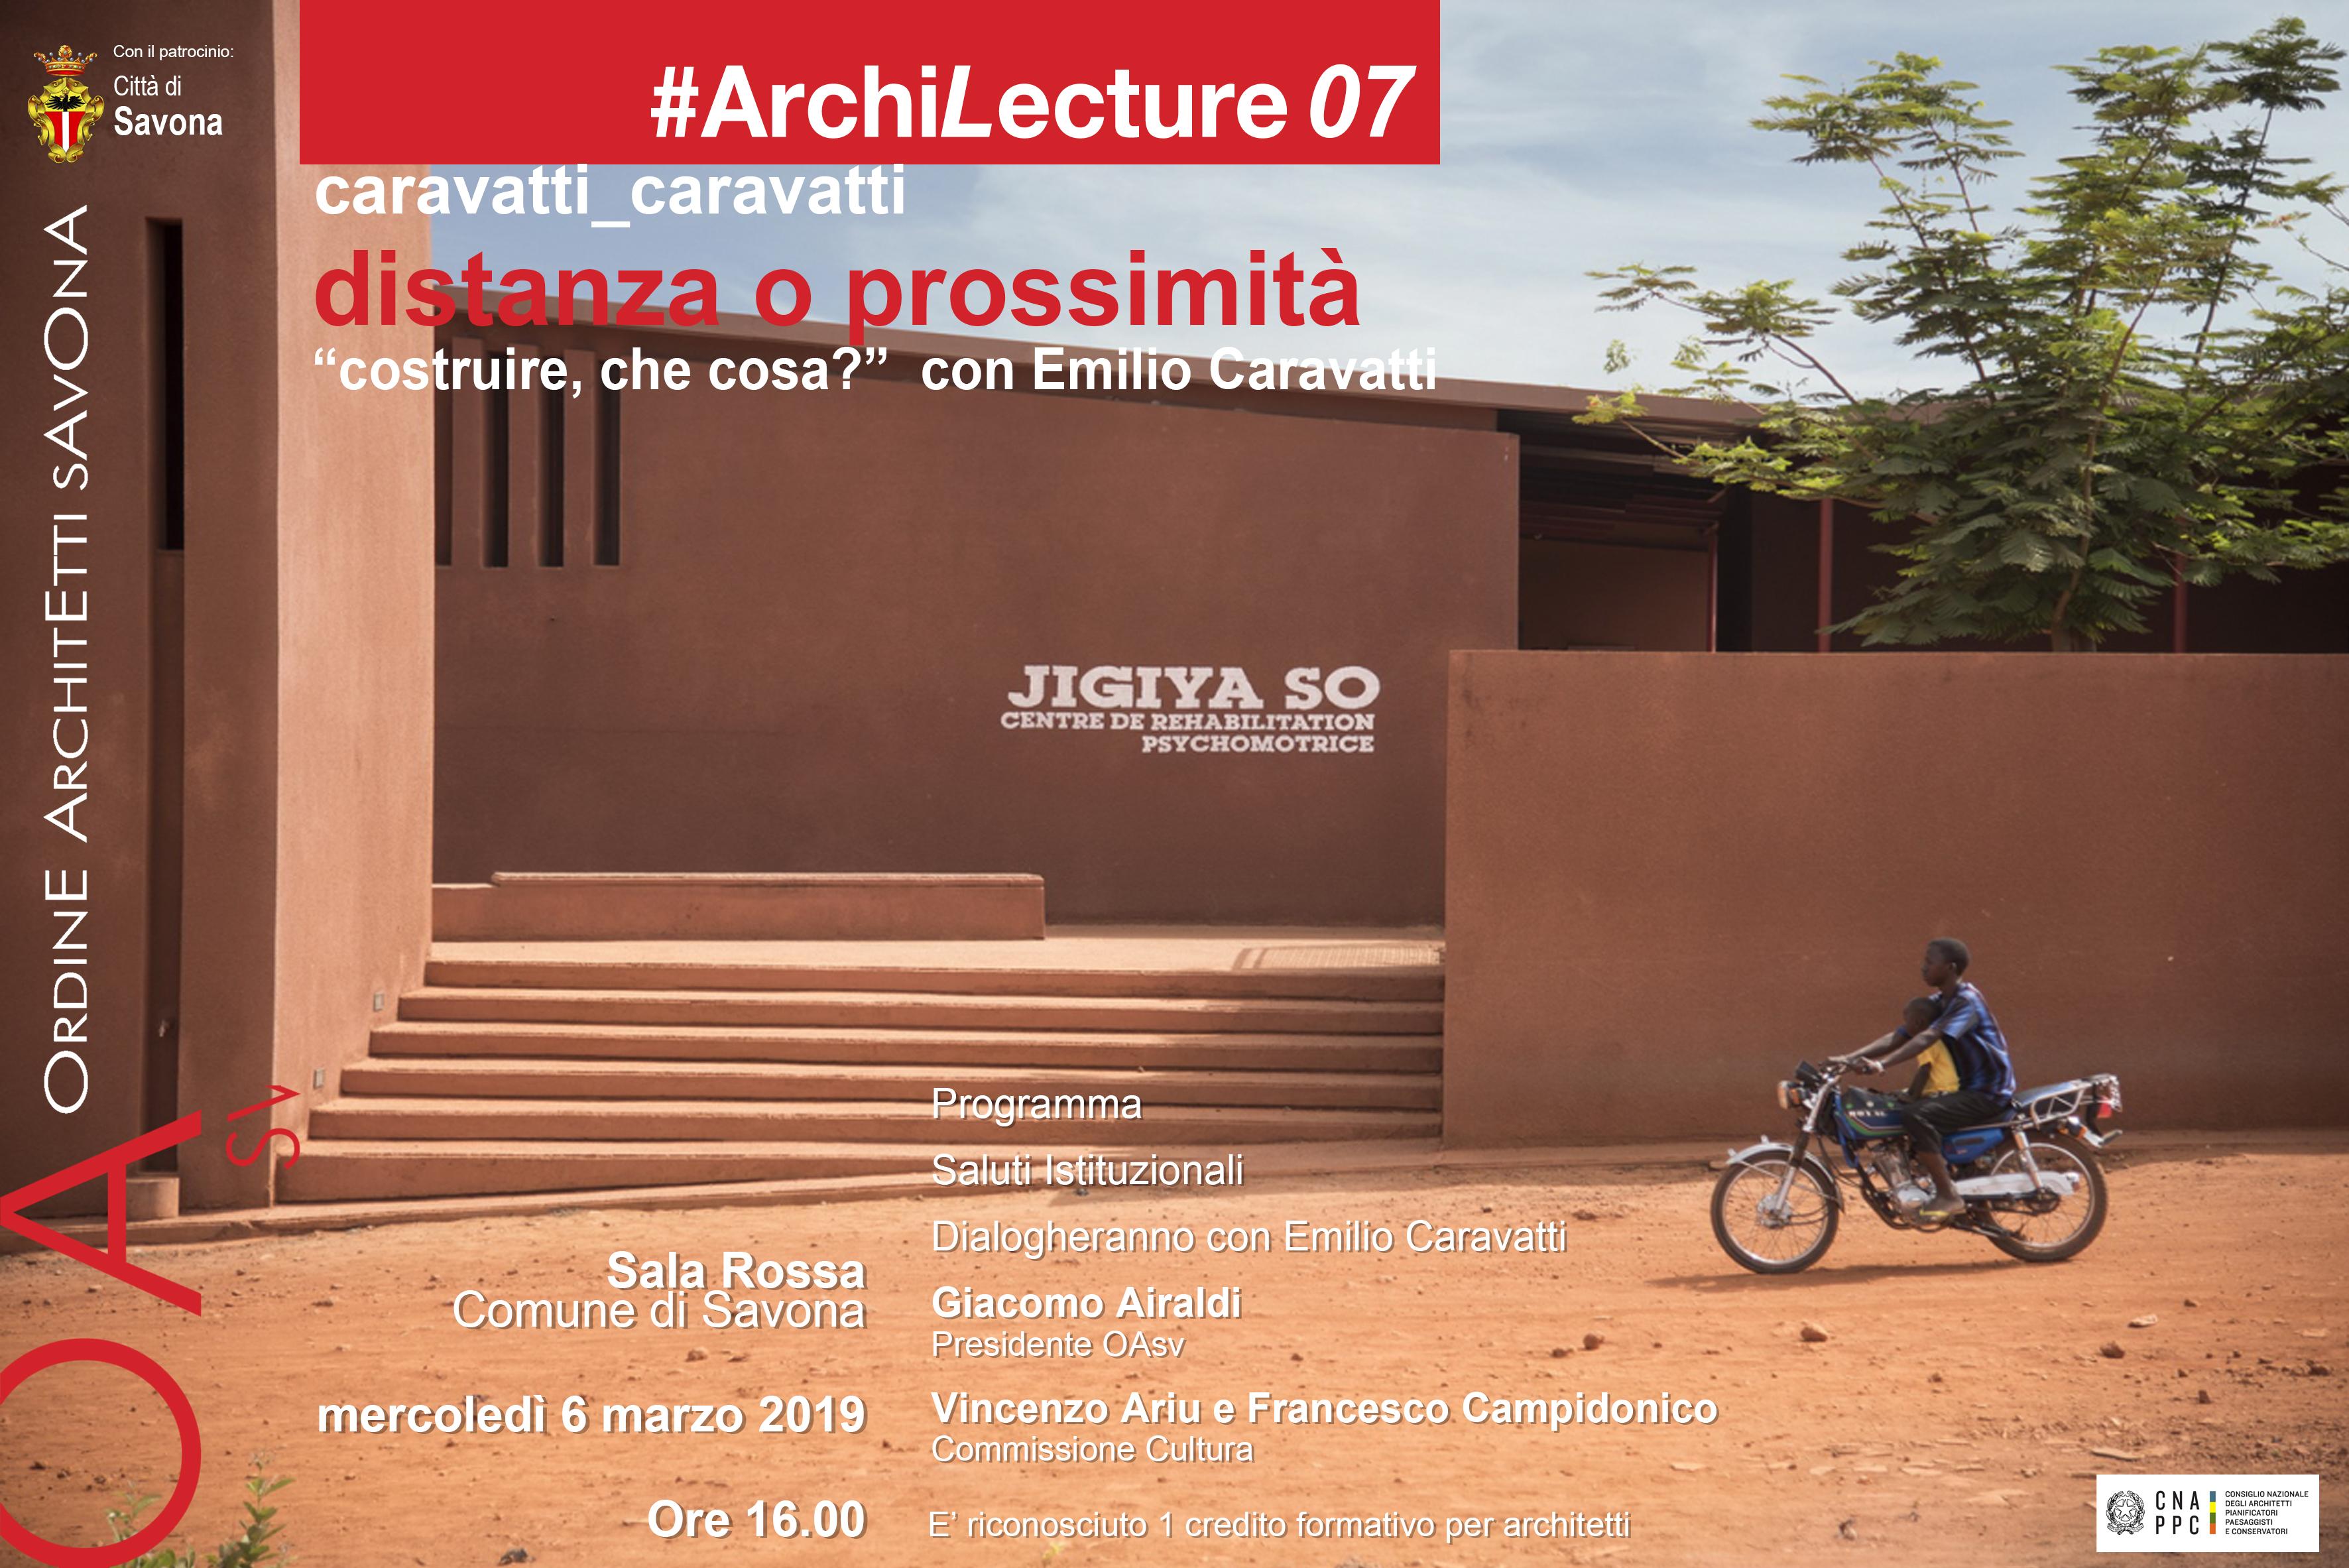 Architetti Savona Elenco archilecture   architetti savona